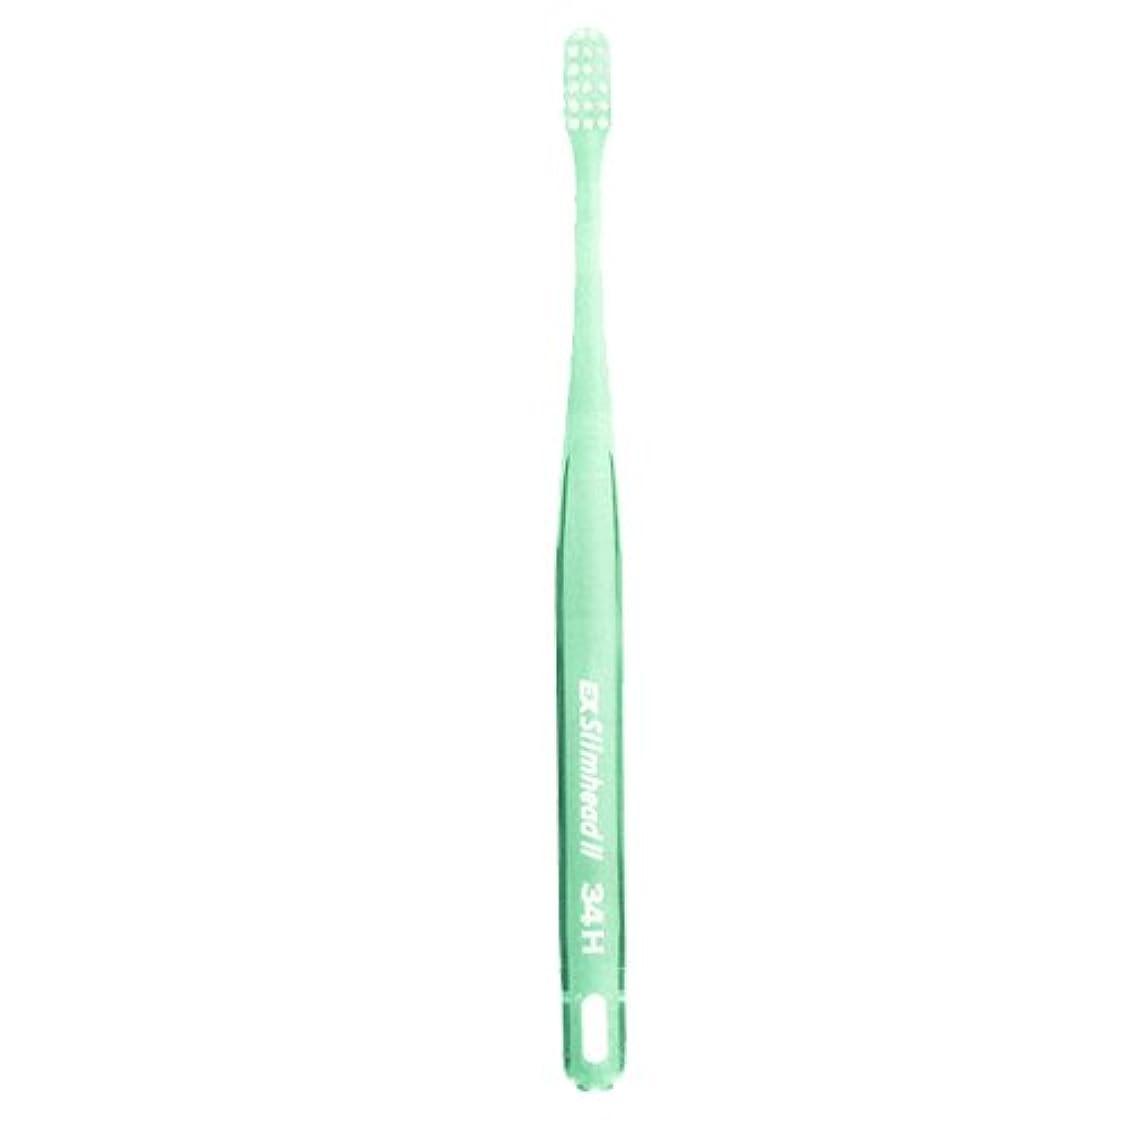 ライオン スリムヘッド2 歯ブラシ DENT . EX Slimhead2 1本 34M クリアグリーン